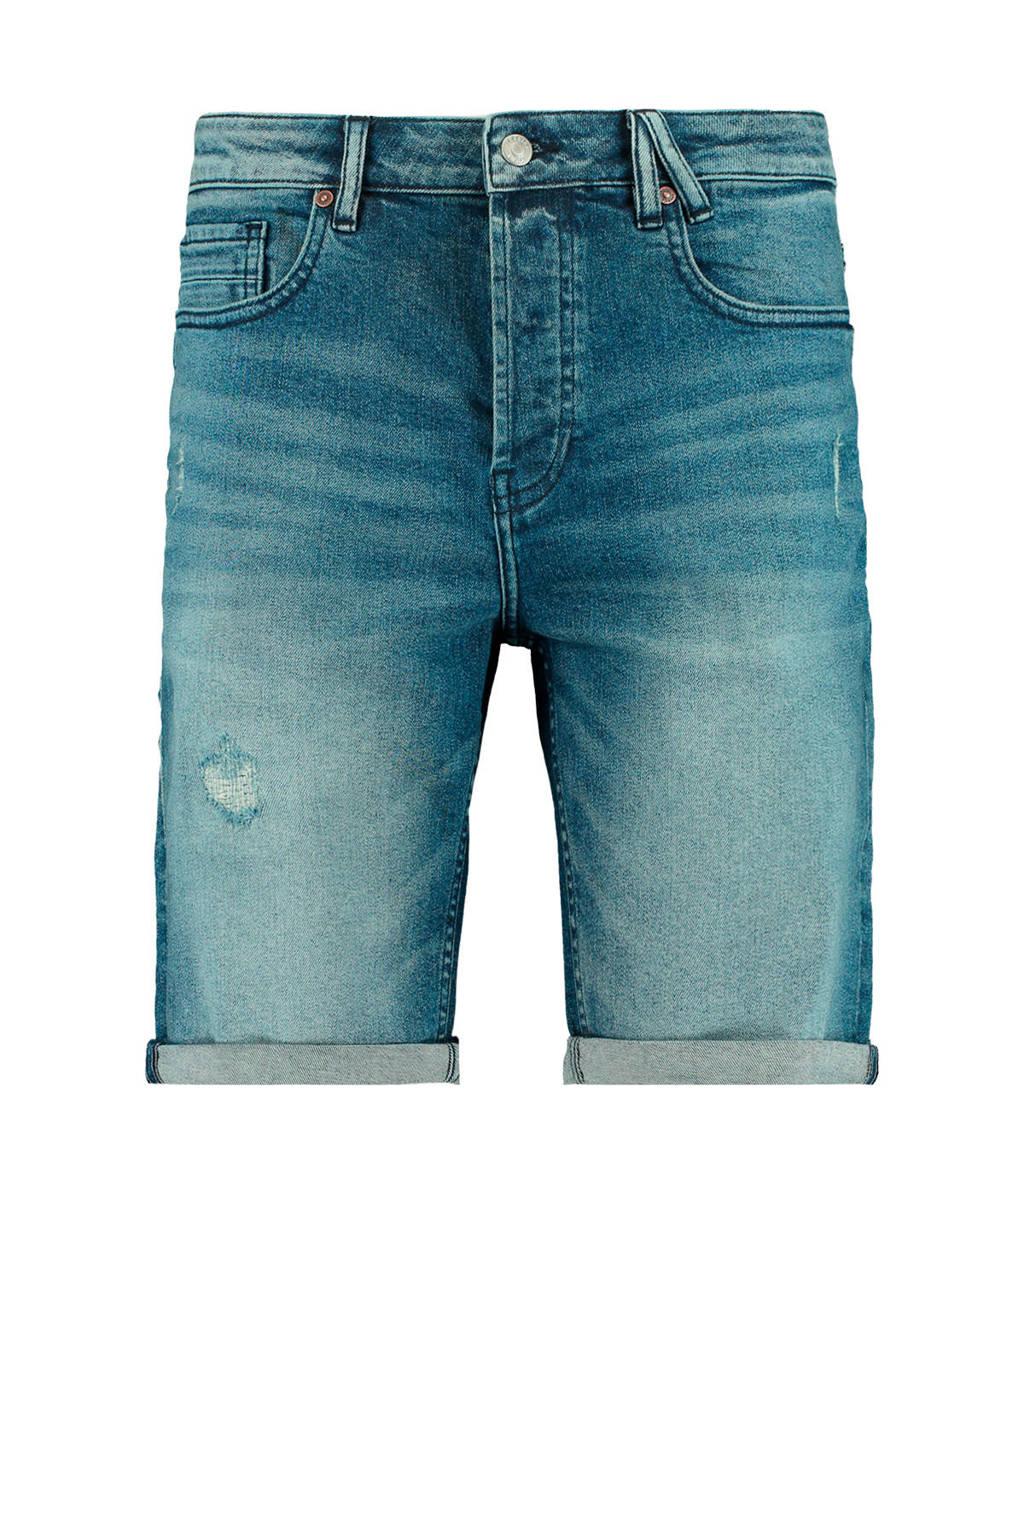 America Today regular fit jeans short medium blue, Medium blue